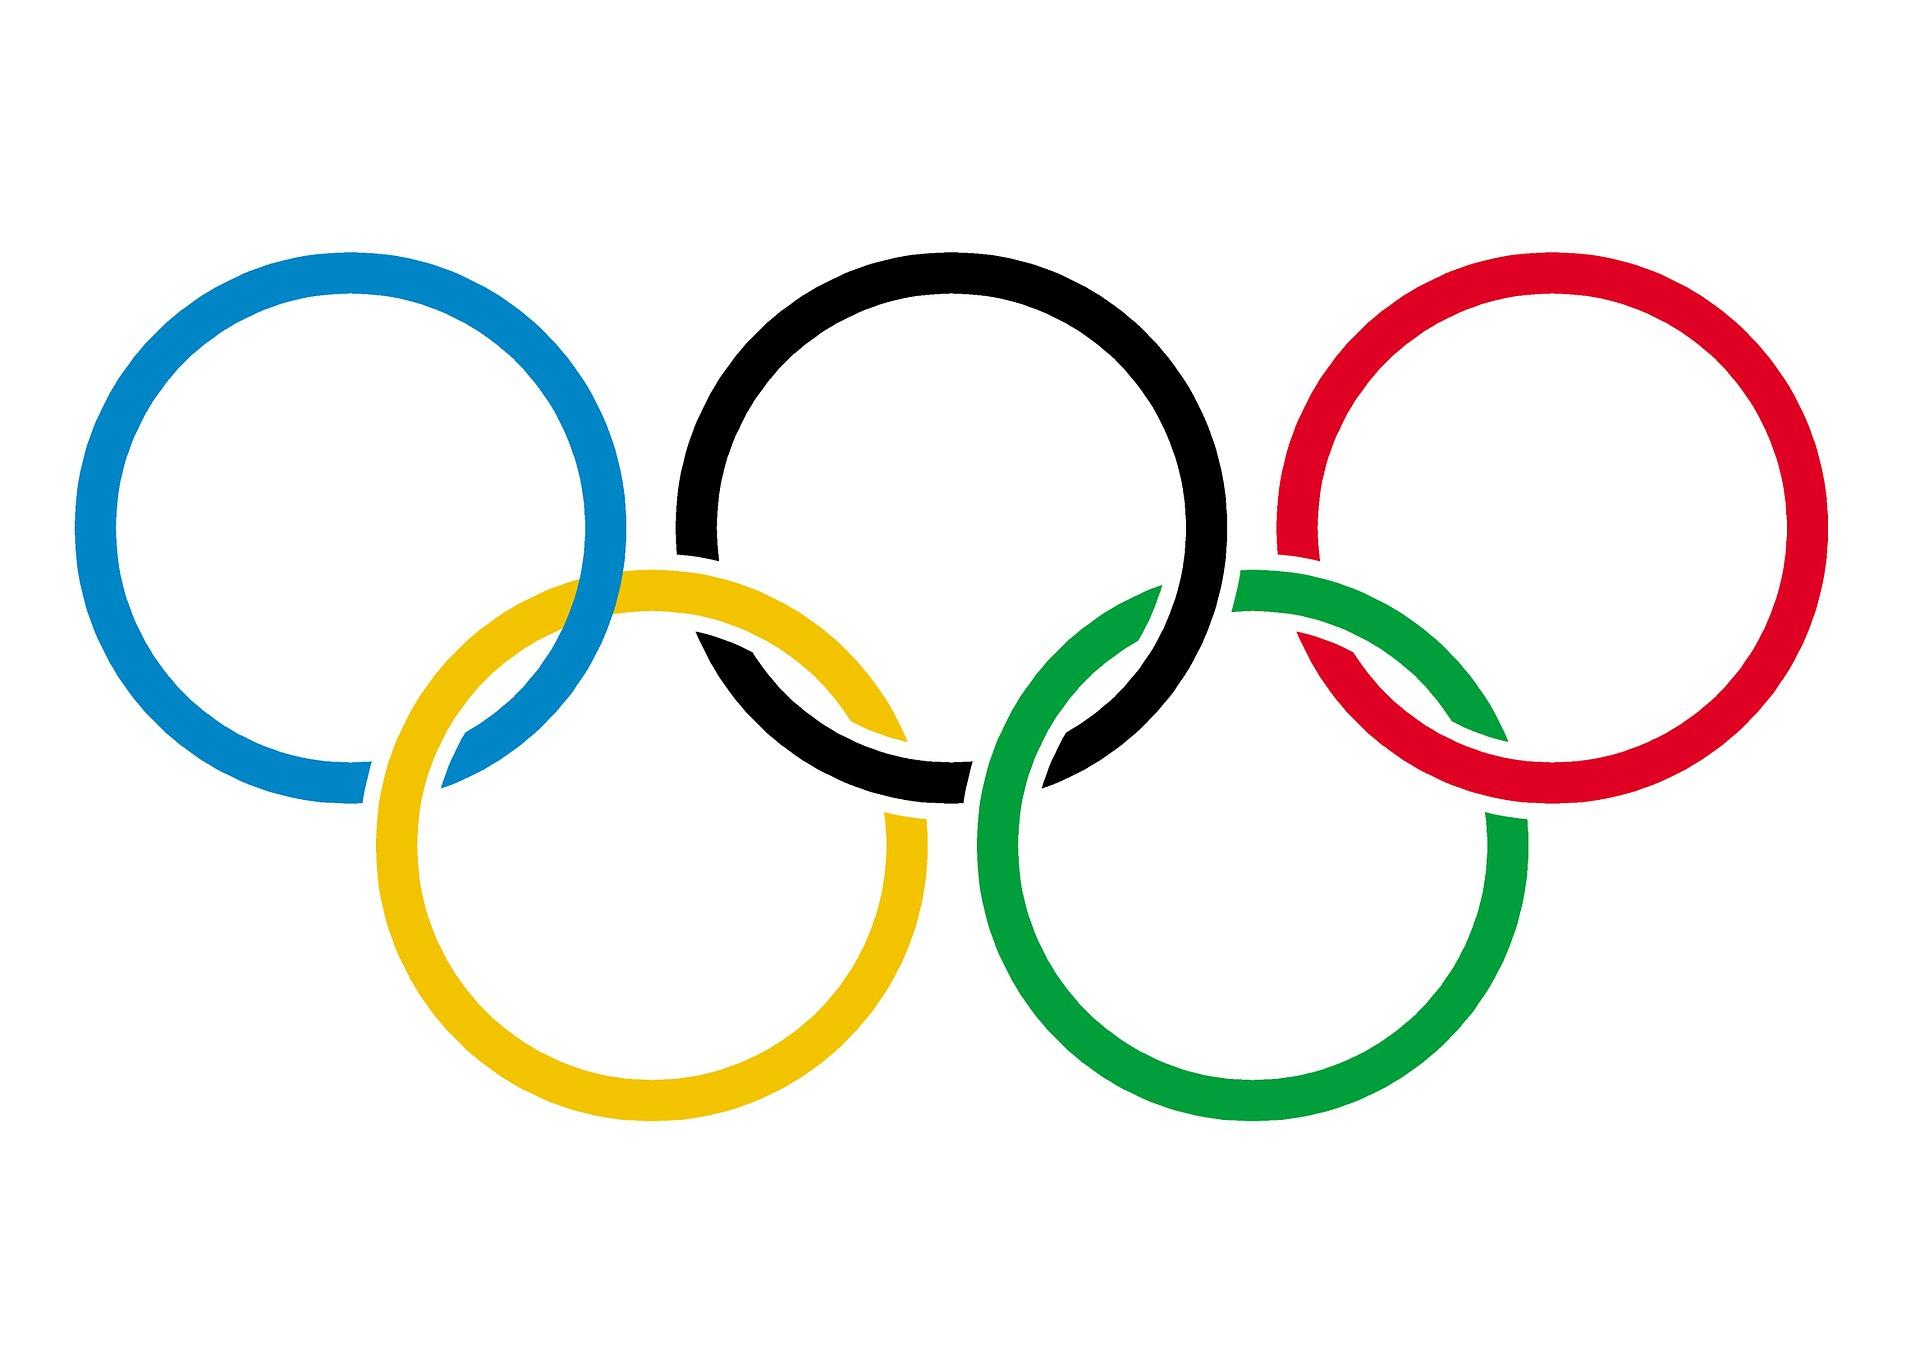 베이징동계올림픽, 탄소중립,  탄소감축, 페이양